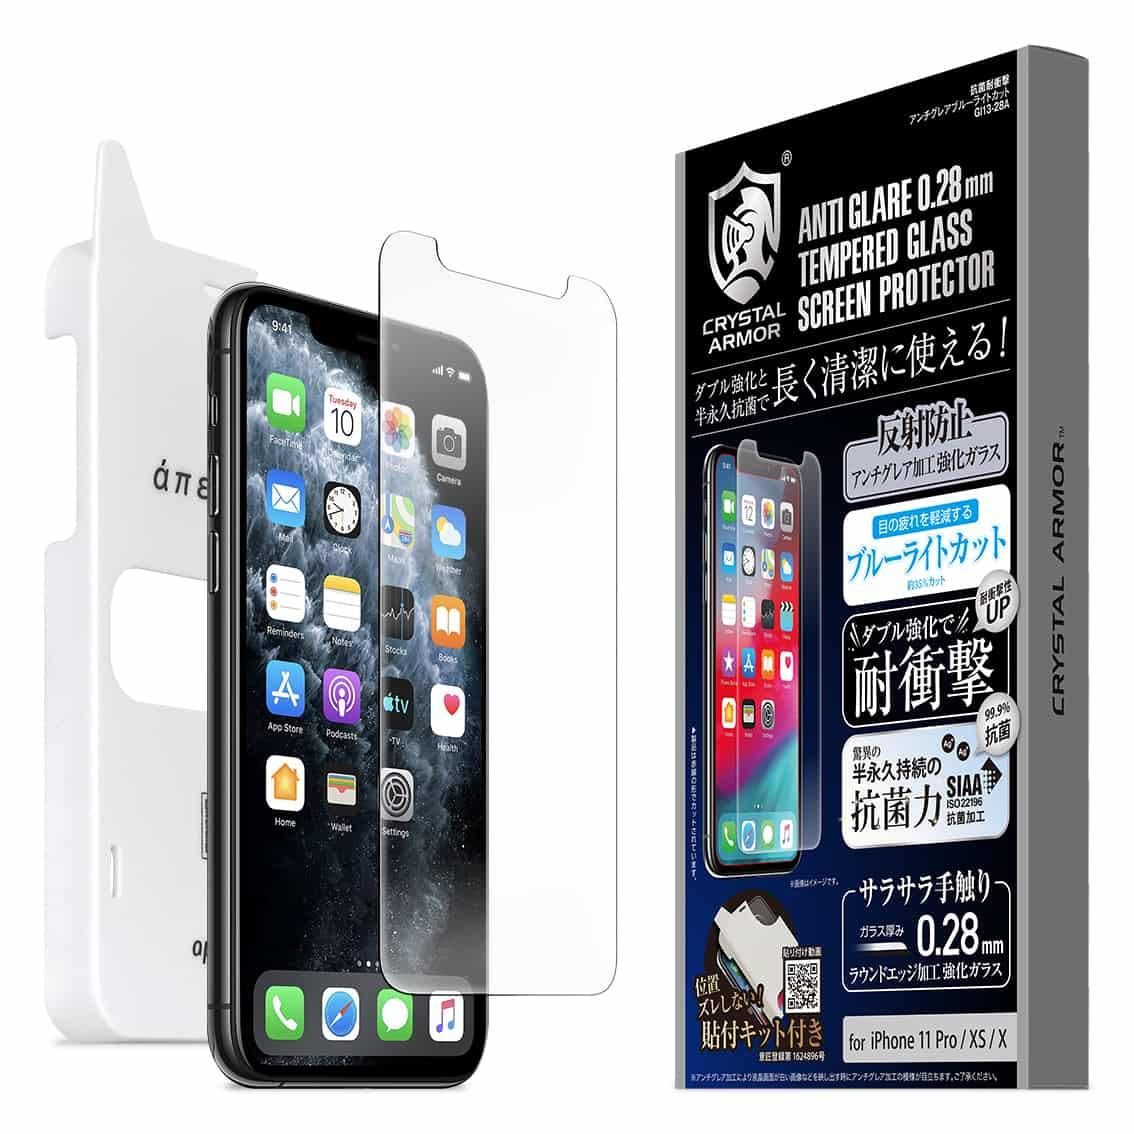 iPhone 11Pro / XS / X 強化ガラス 液晶保護 抗菌 耐衝撃 アンチグレアブルーライトカット 0.28mm